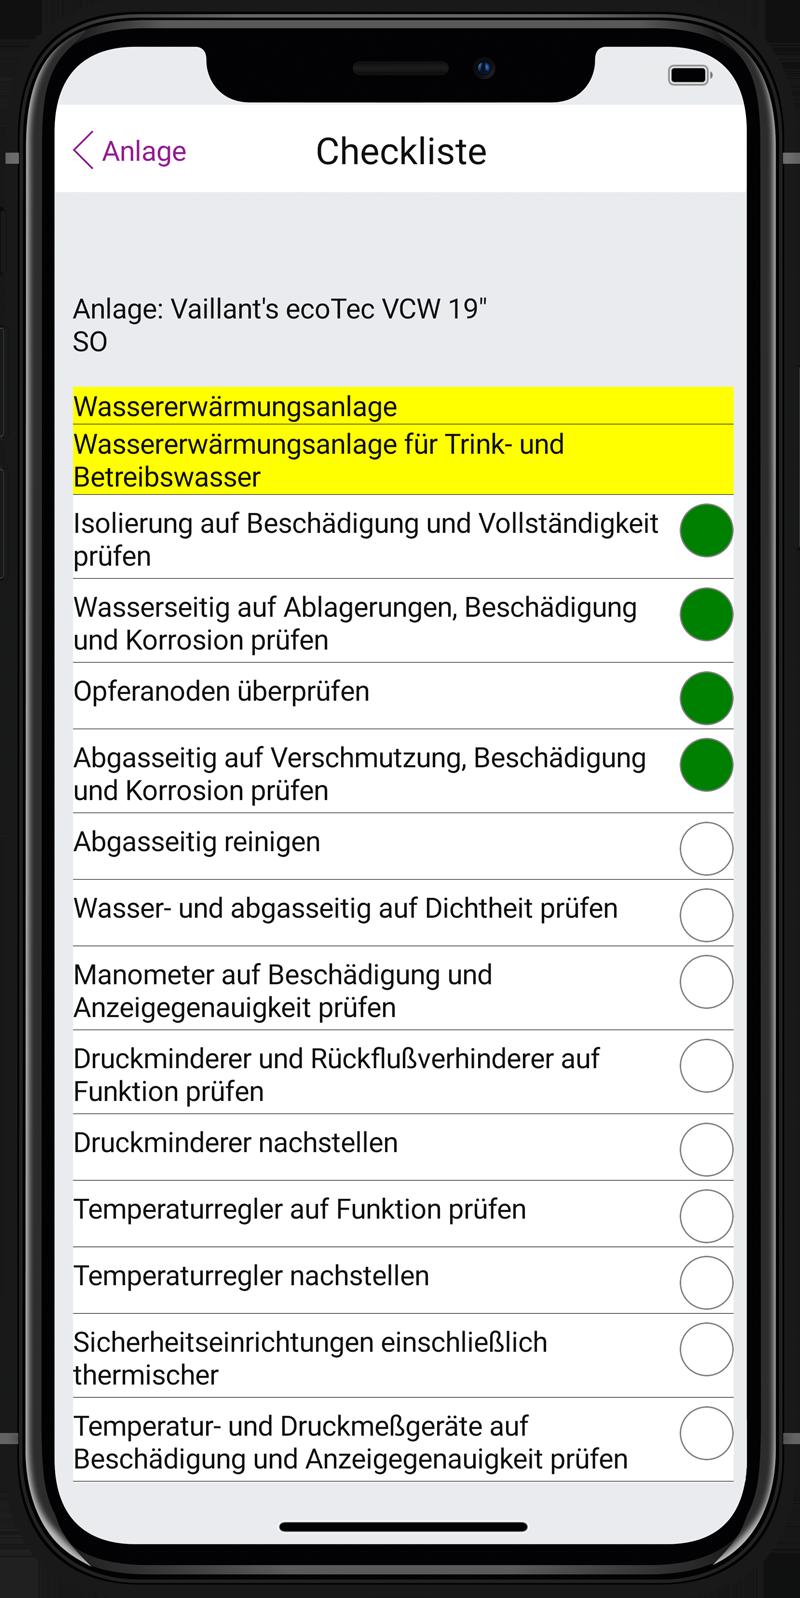 Label Mobile: Kundendienst-Checklist (Anlage)